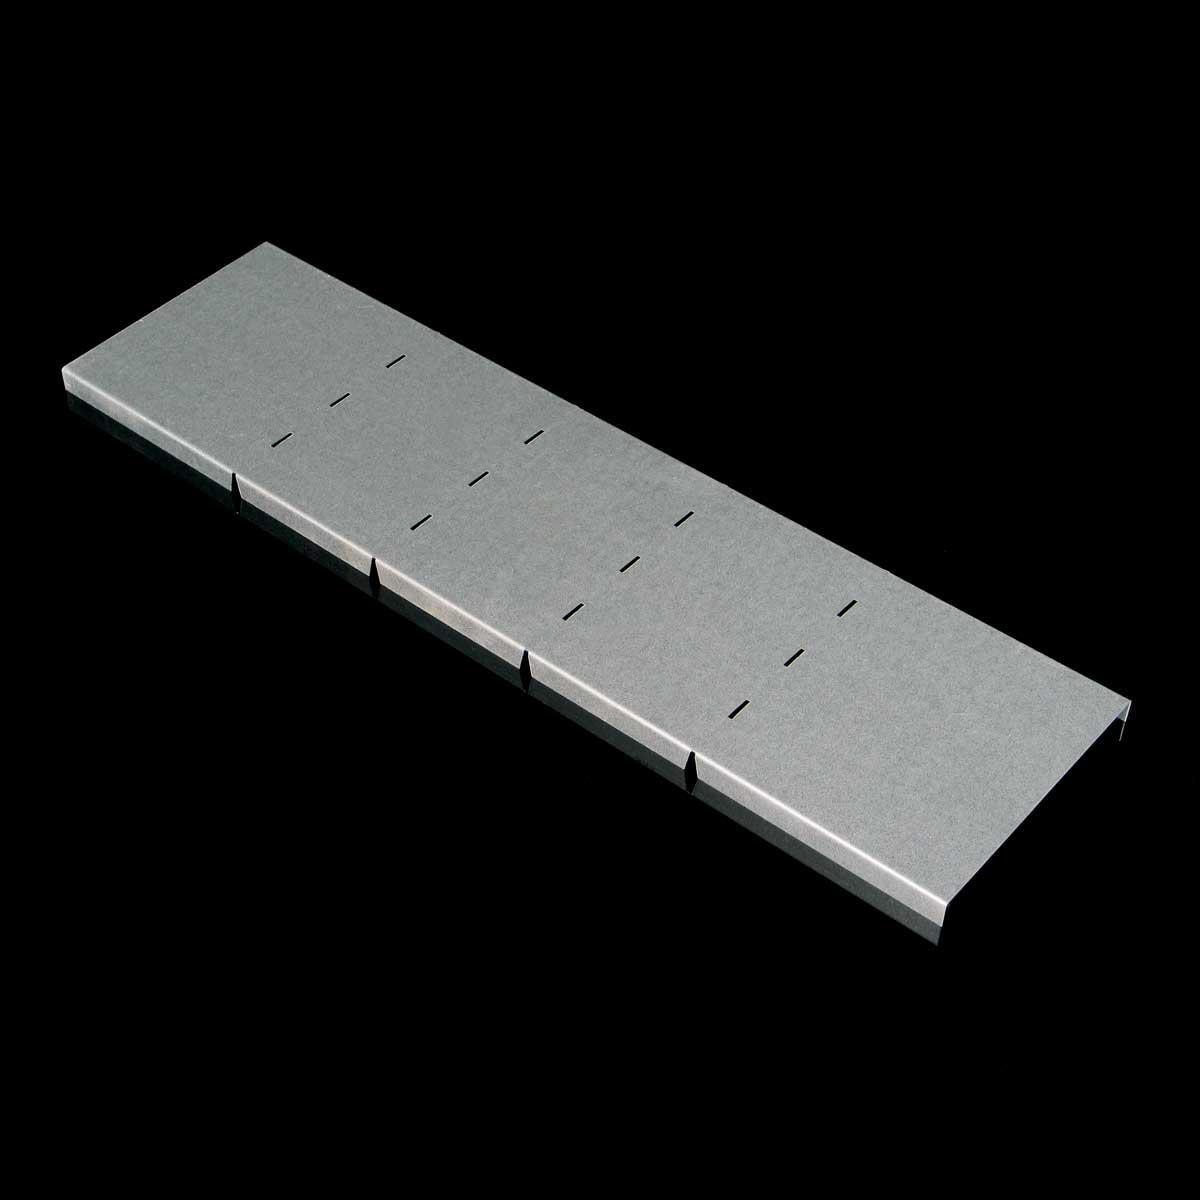 Кришка вертикального повороту зовнішнього 90° JUPITER; розміри-85x500x270mm Товщ. метал-1 Вага-1,95кг/м